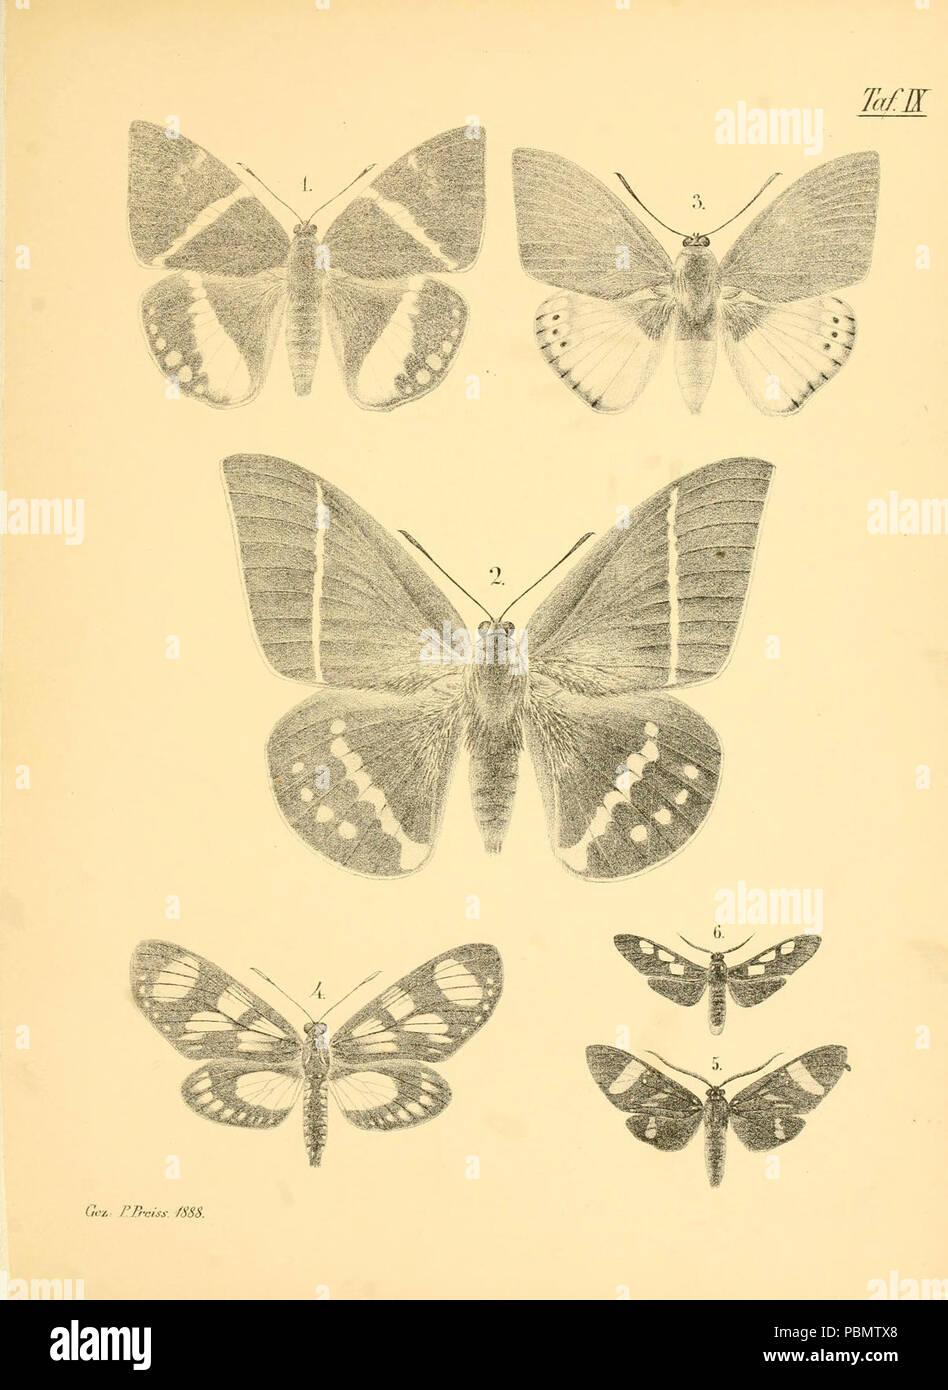 Abbildungen hervorragender Nachtschmetterlinge aus dem indo-australischen und südamerikanischen Faunengebiet (Taf. IX) - Stock Image